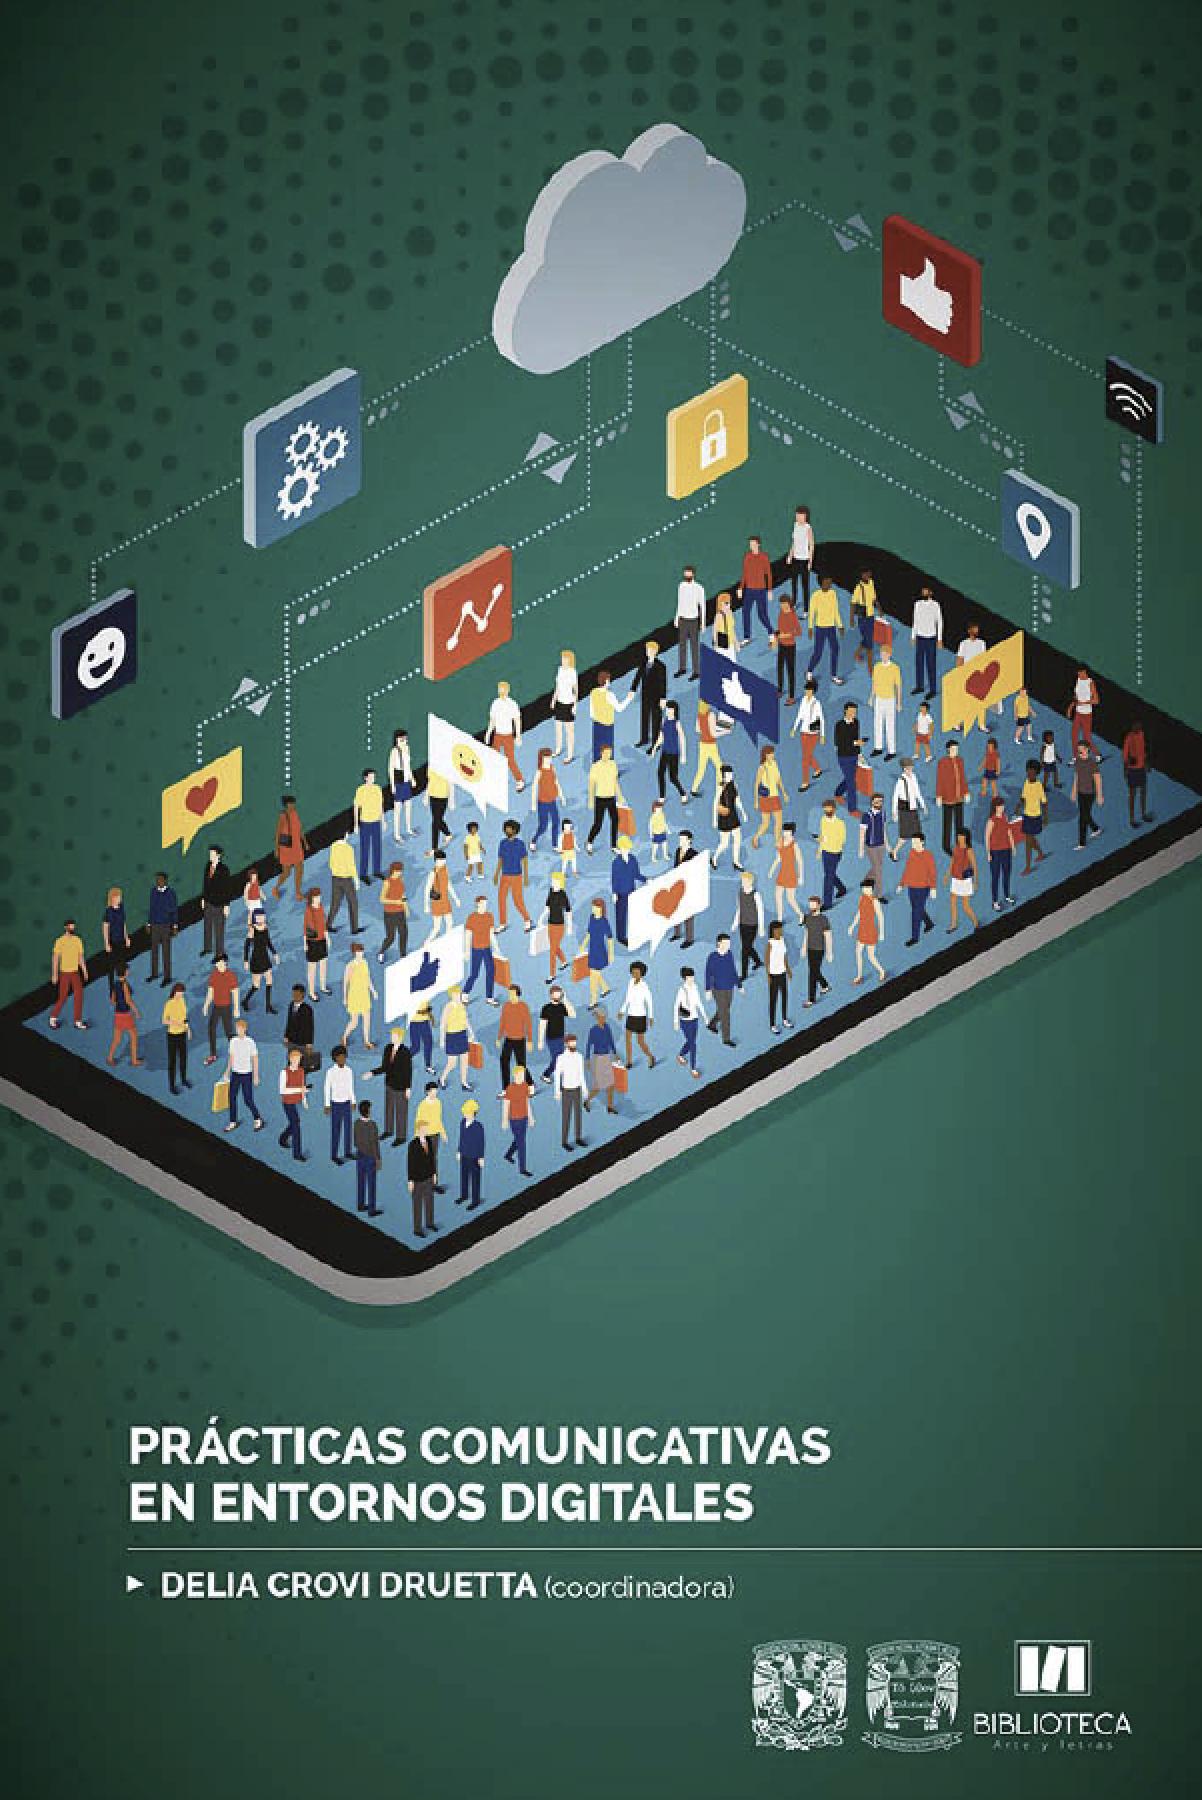 Prácticas Comunicativas en Entornos Digitales